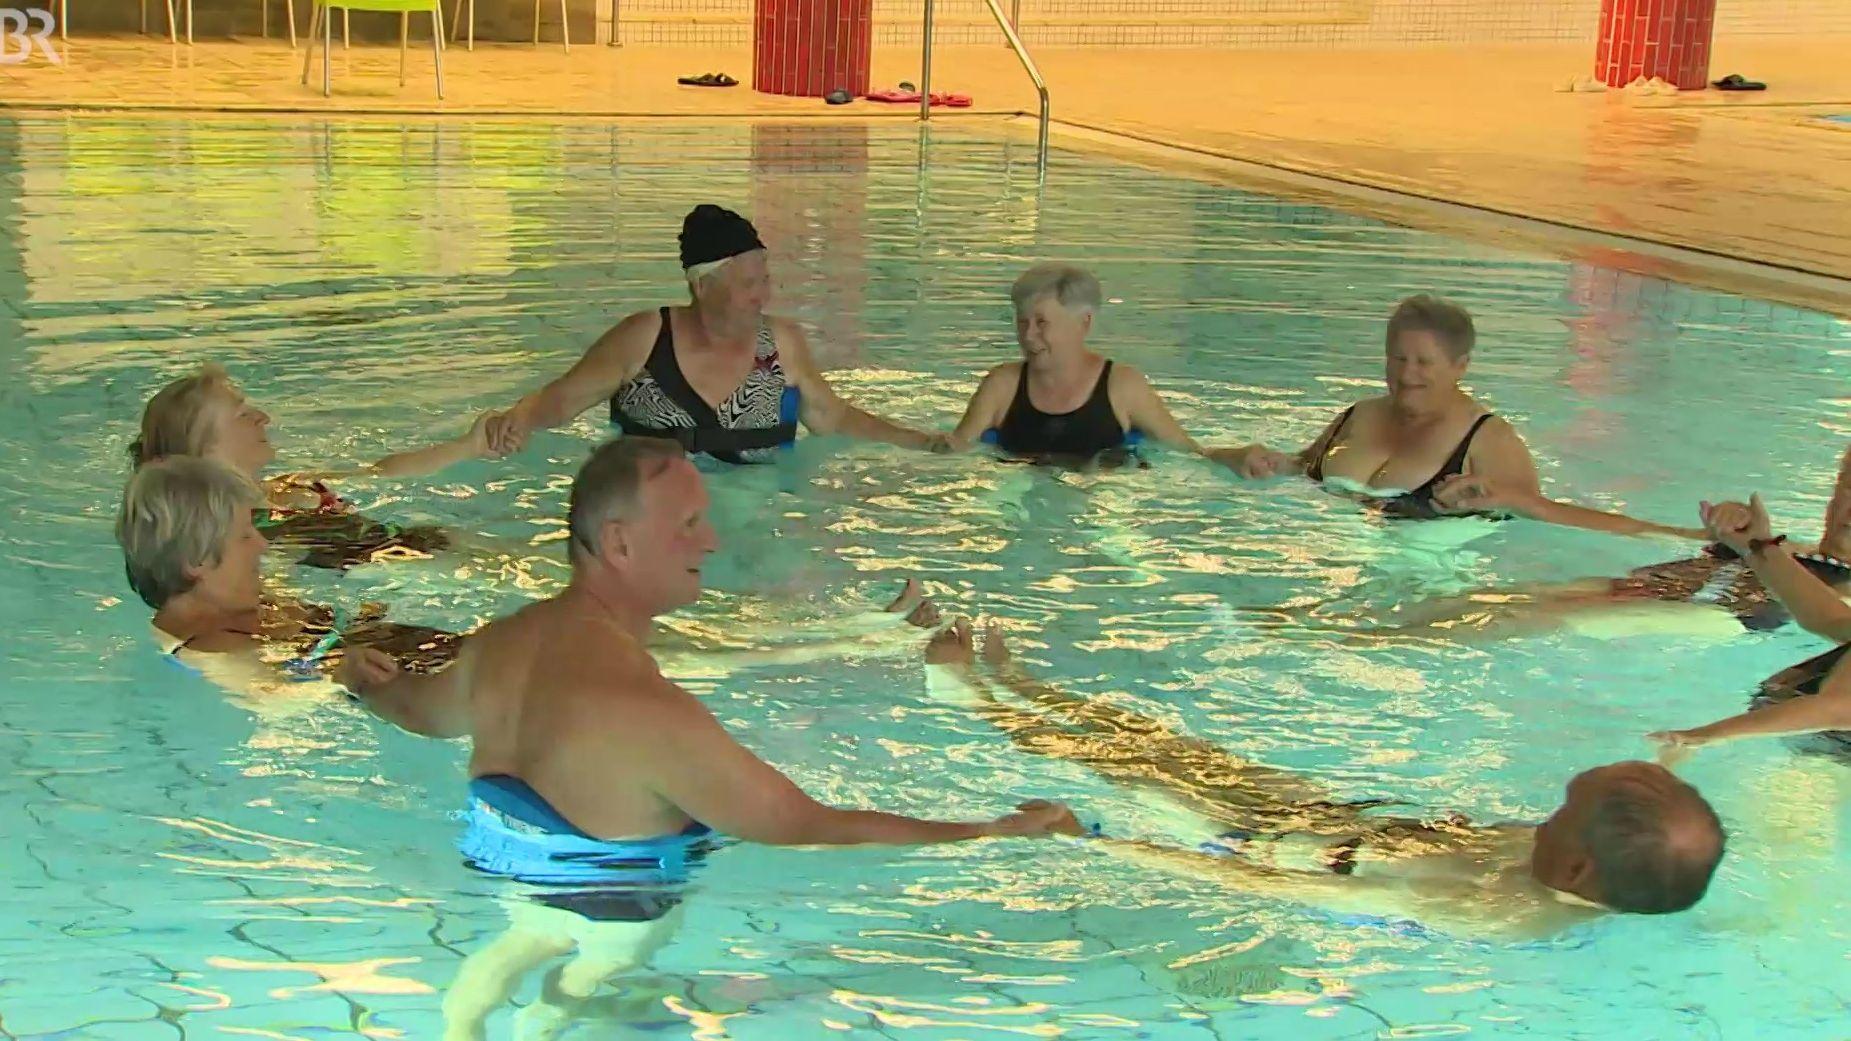 Seniorenschwimmkurse sollen in Nürnberg Badeunfälle vorbeugen